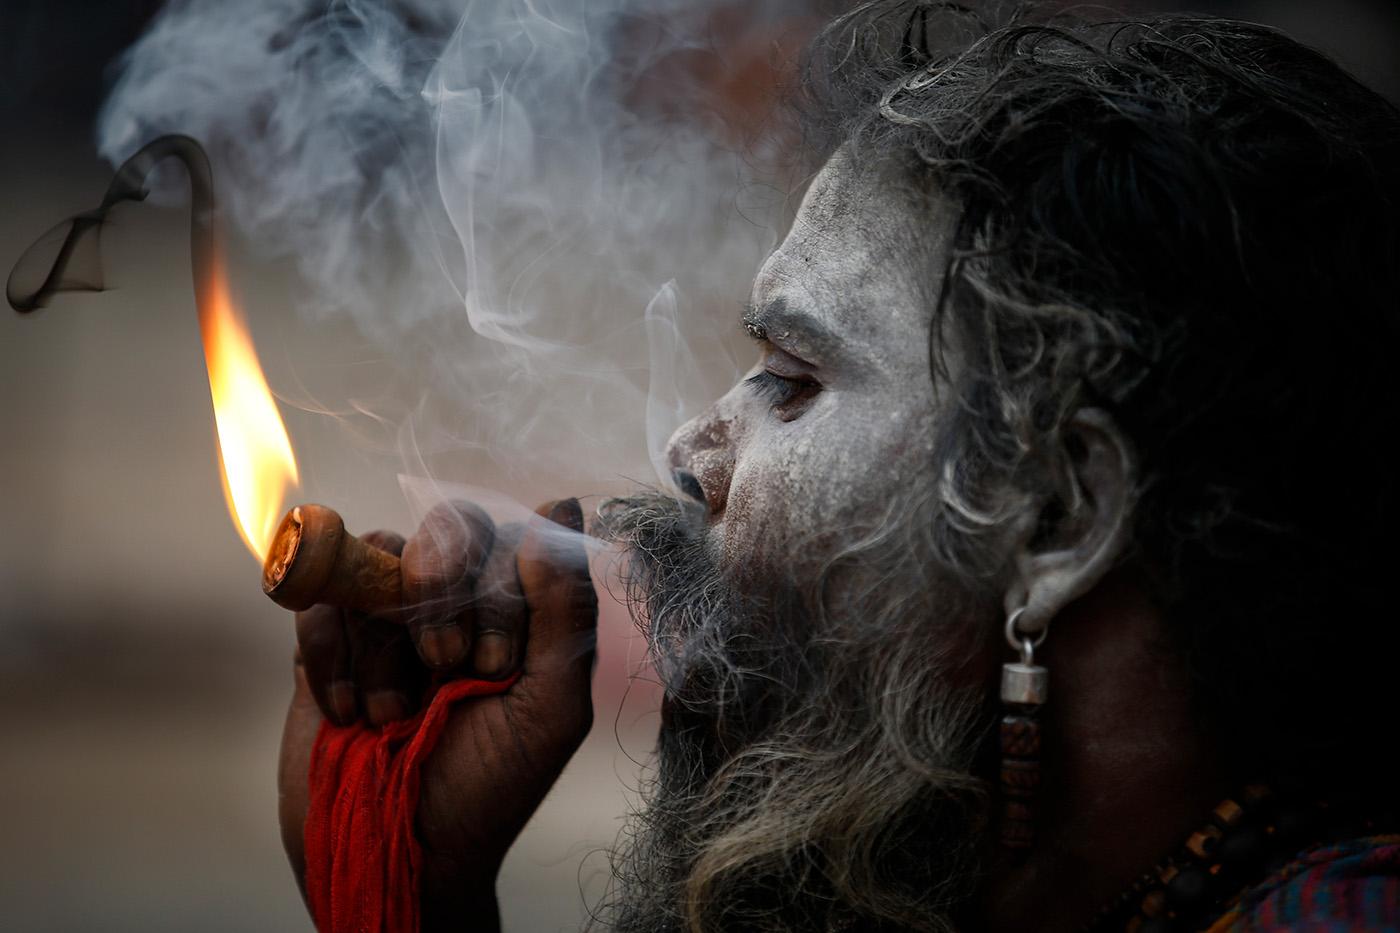 Lord Shiva Animated Wallpaper Maha Shivaratri Festival On Behance